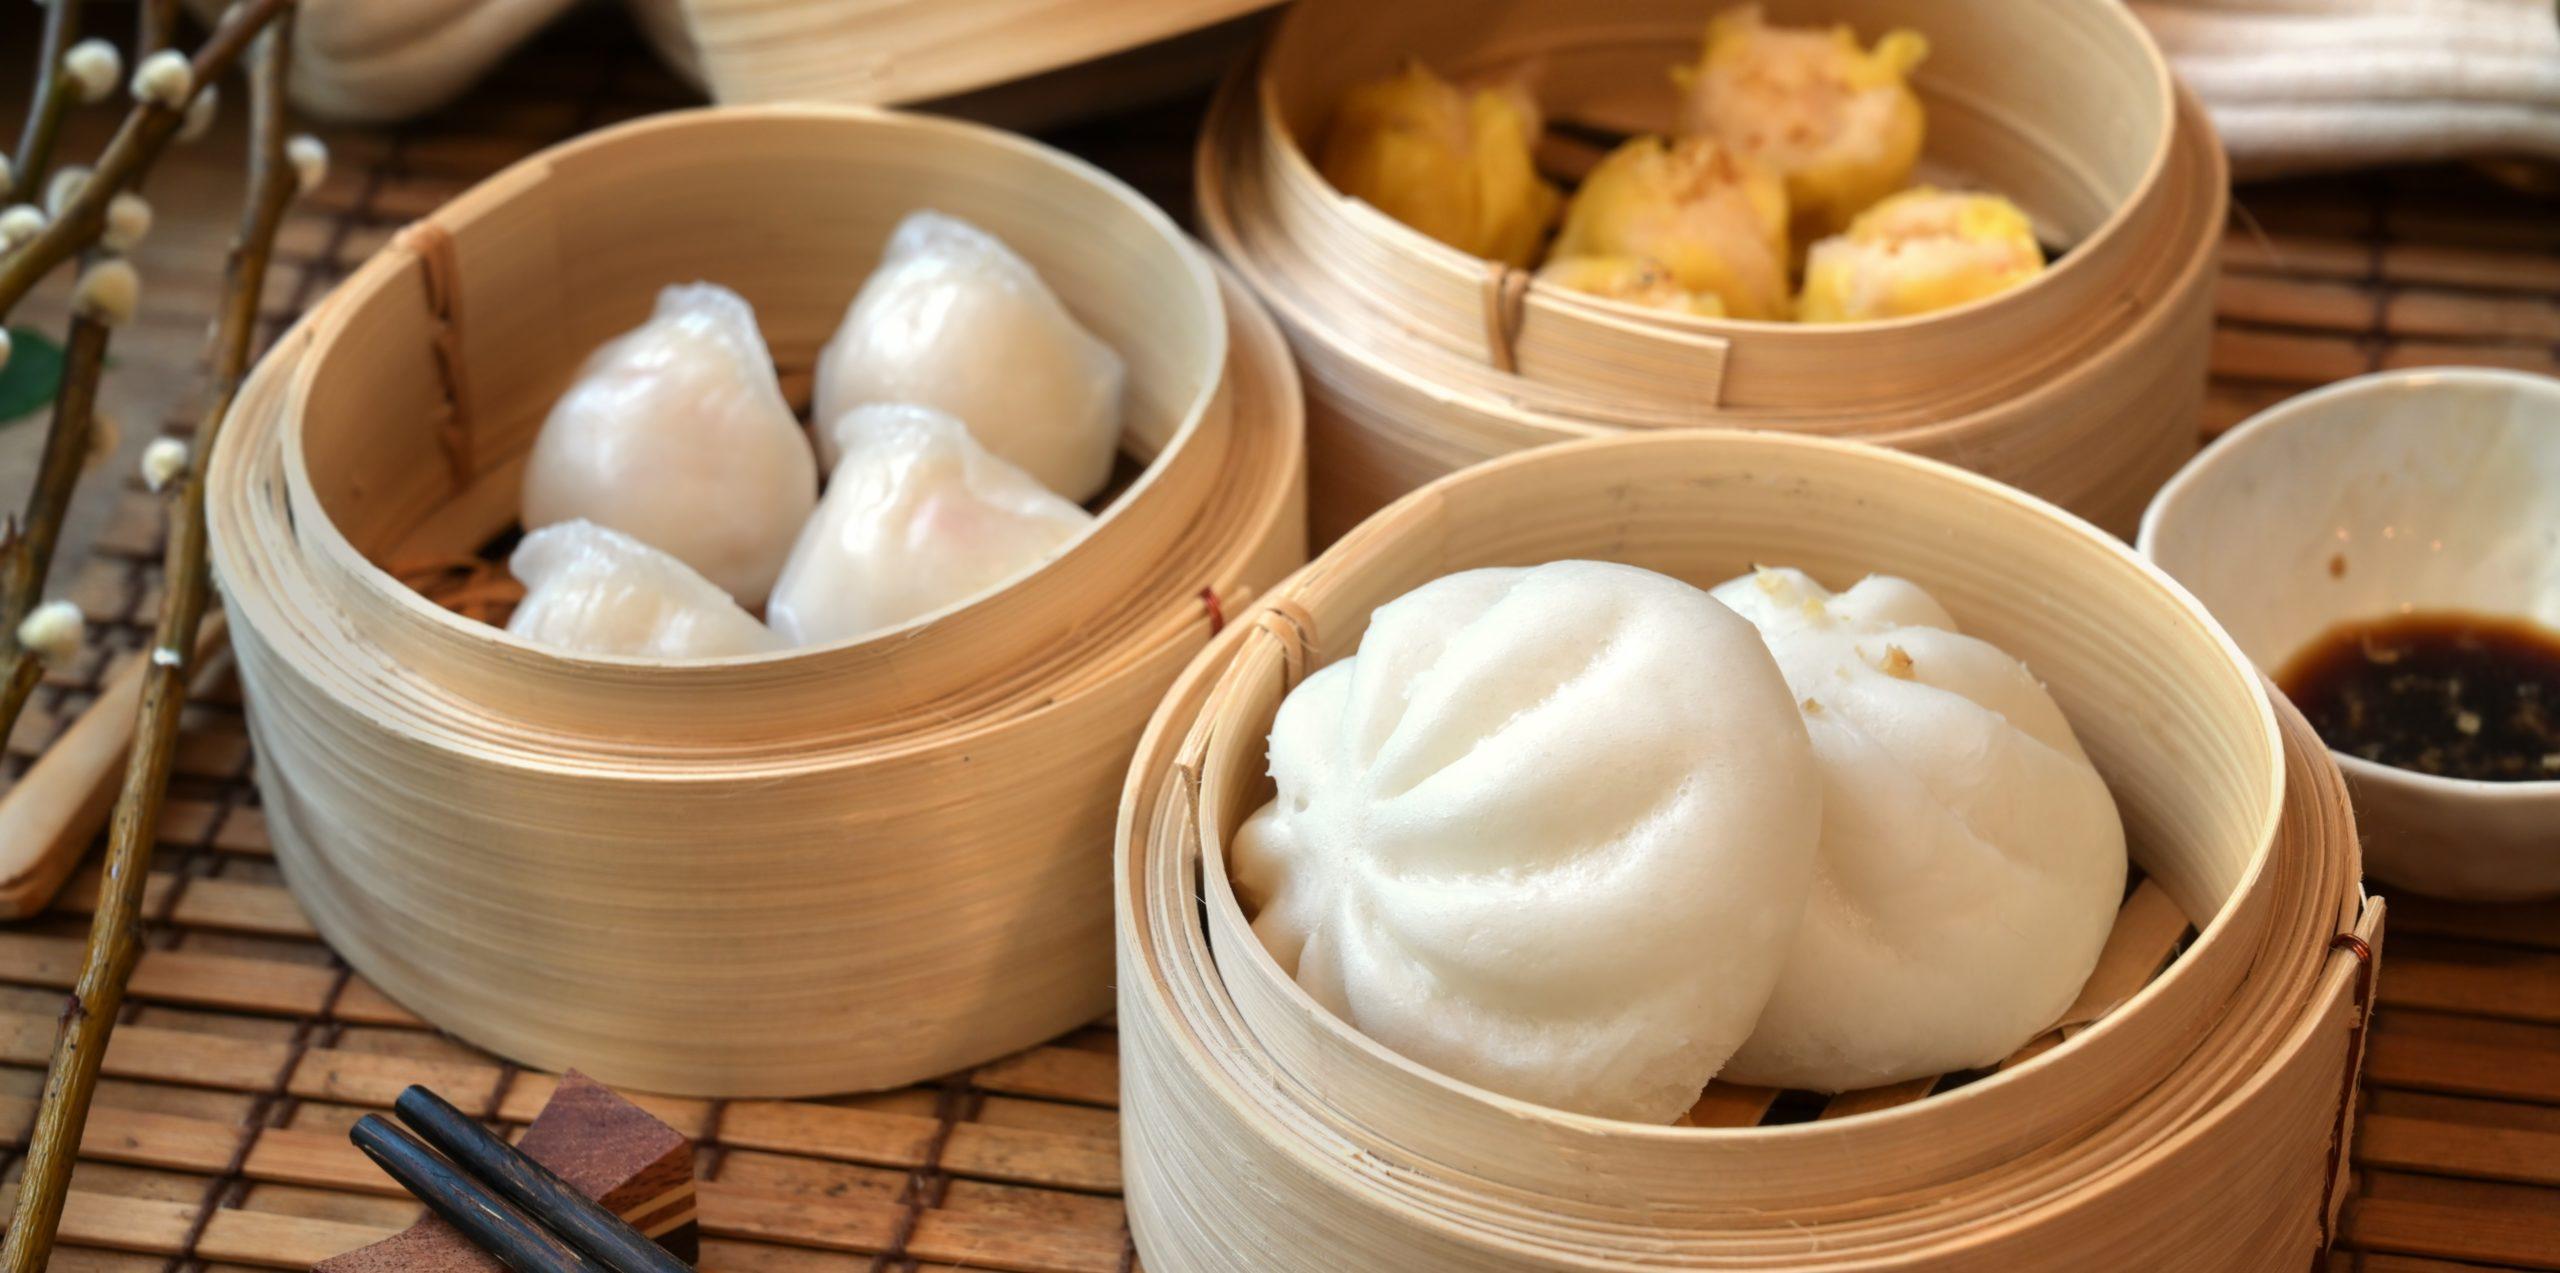 【ここが違う!】日本と中国の肉まんの違いを中国人ハーフが解説!